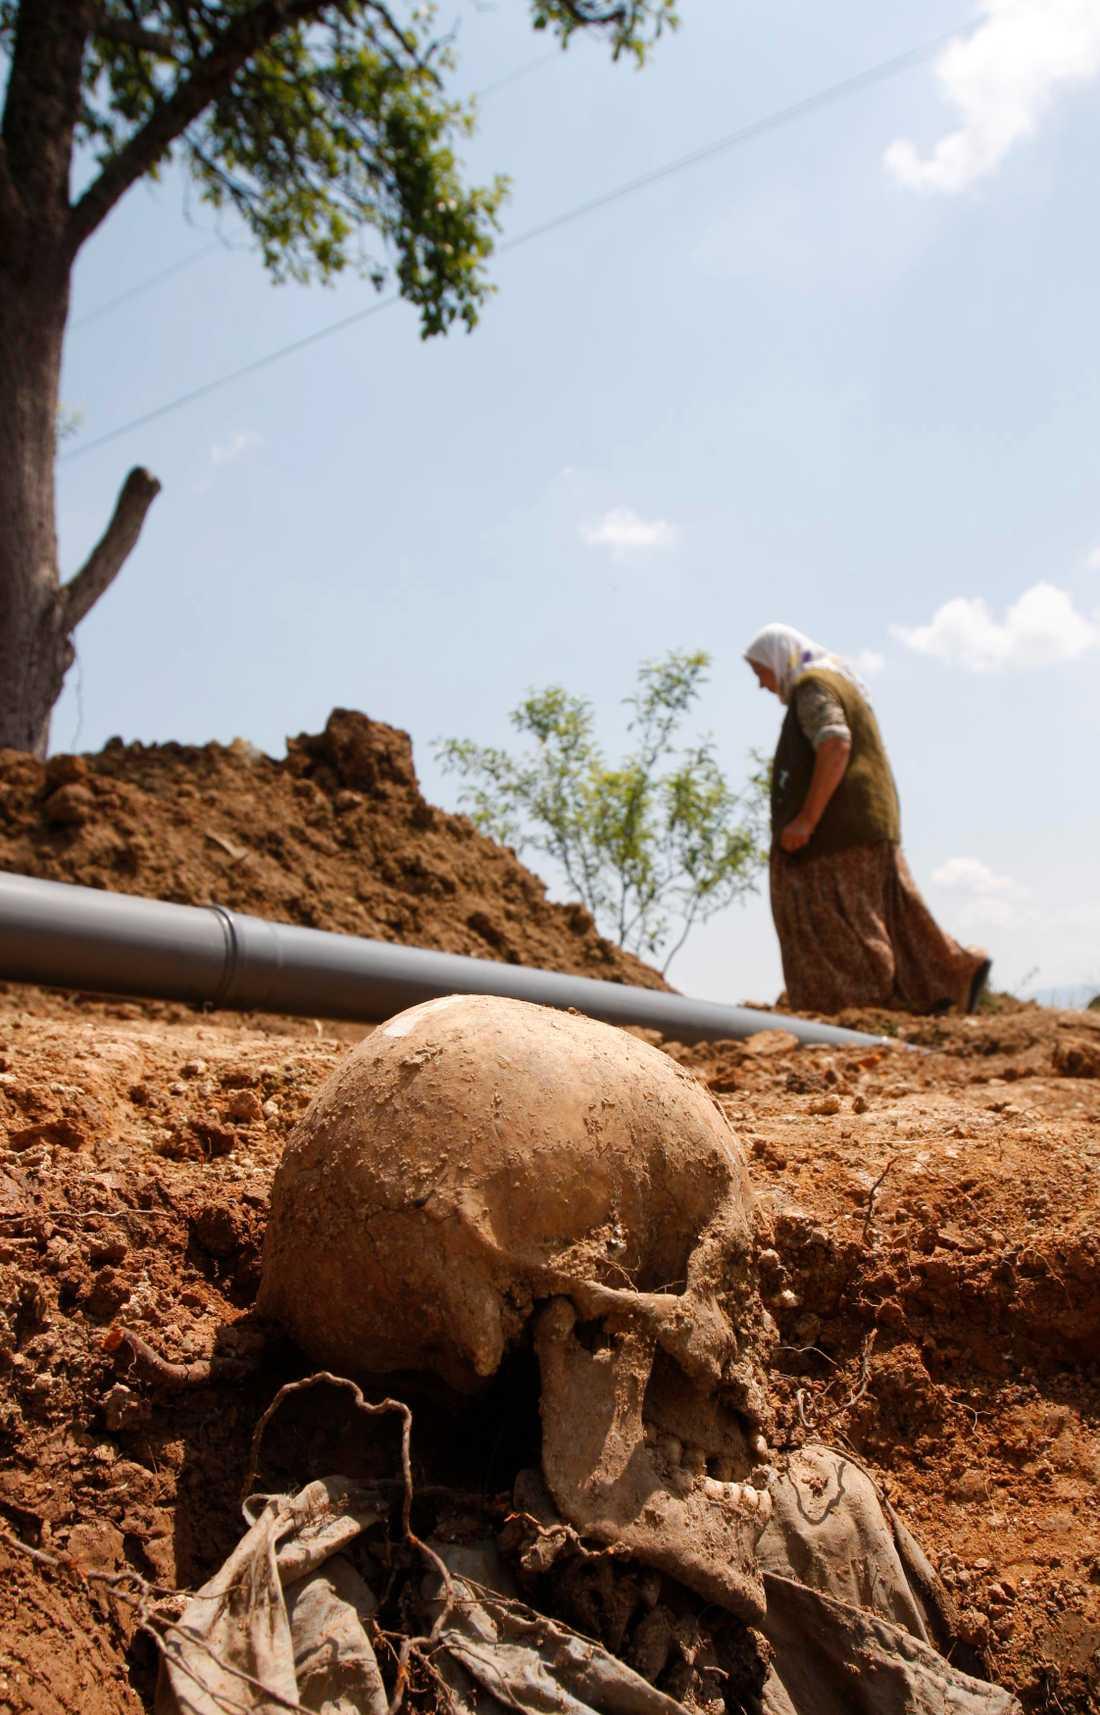 Ännu en massgrav, i den bosniska byn Mrsici, där man har hittat kvarlevor efter offer för massakern i Srebrenica 1995. Bild från 2009.